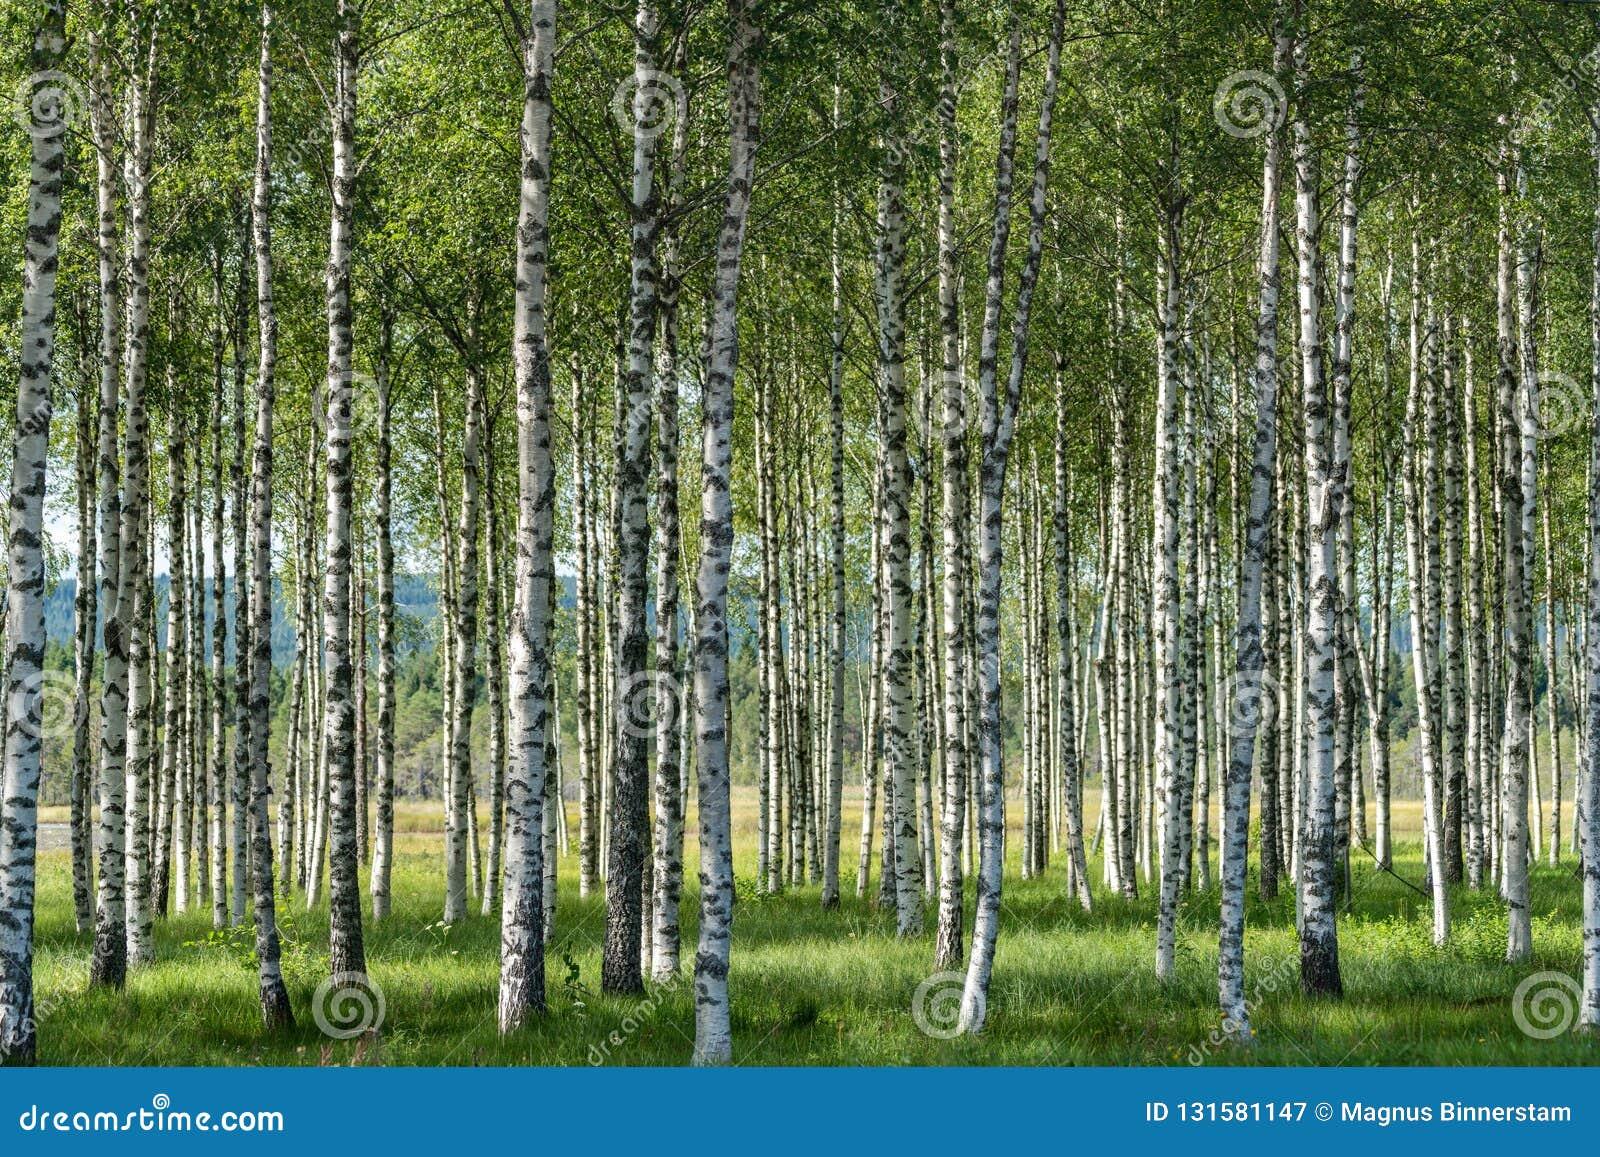 Grove von Suppengrün im Sommer mit Schwarzweiss-Stämmen, grünen Blättern und grünem Gras auf dem Waldboden